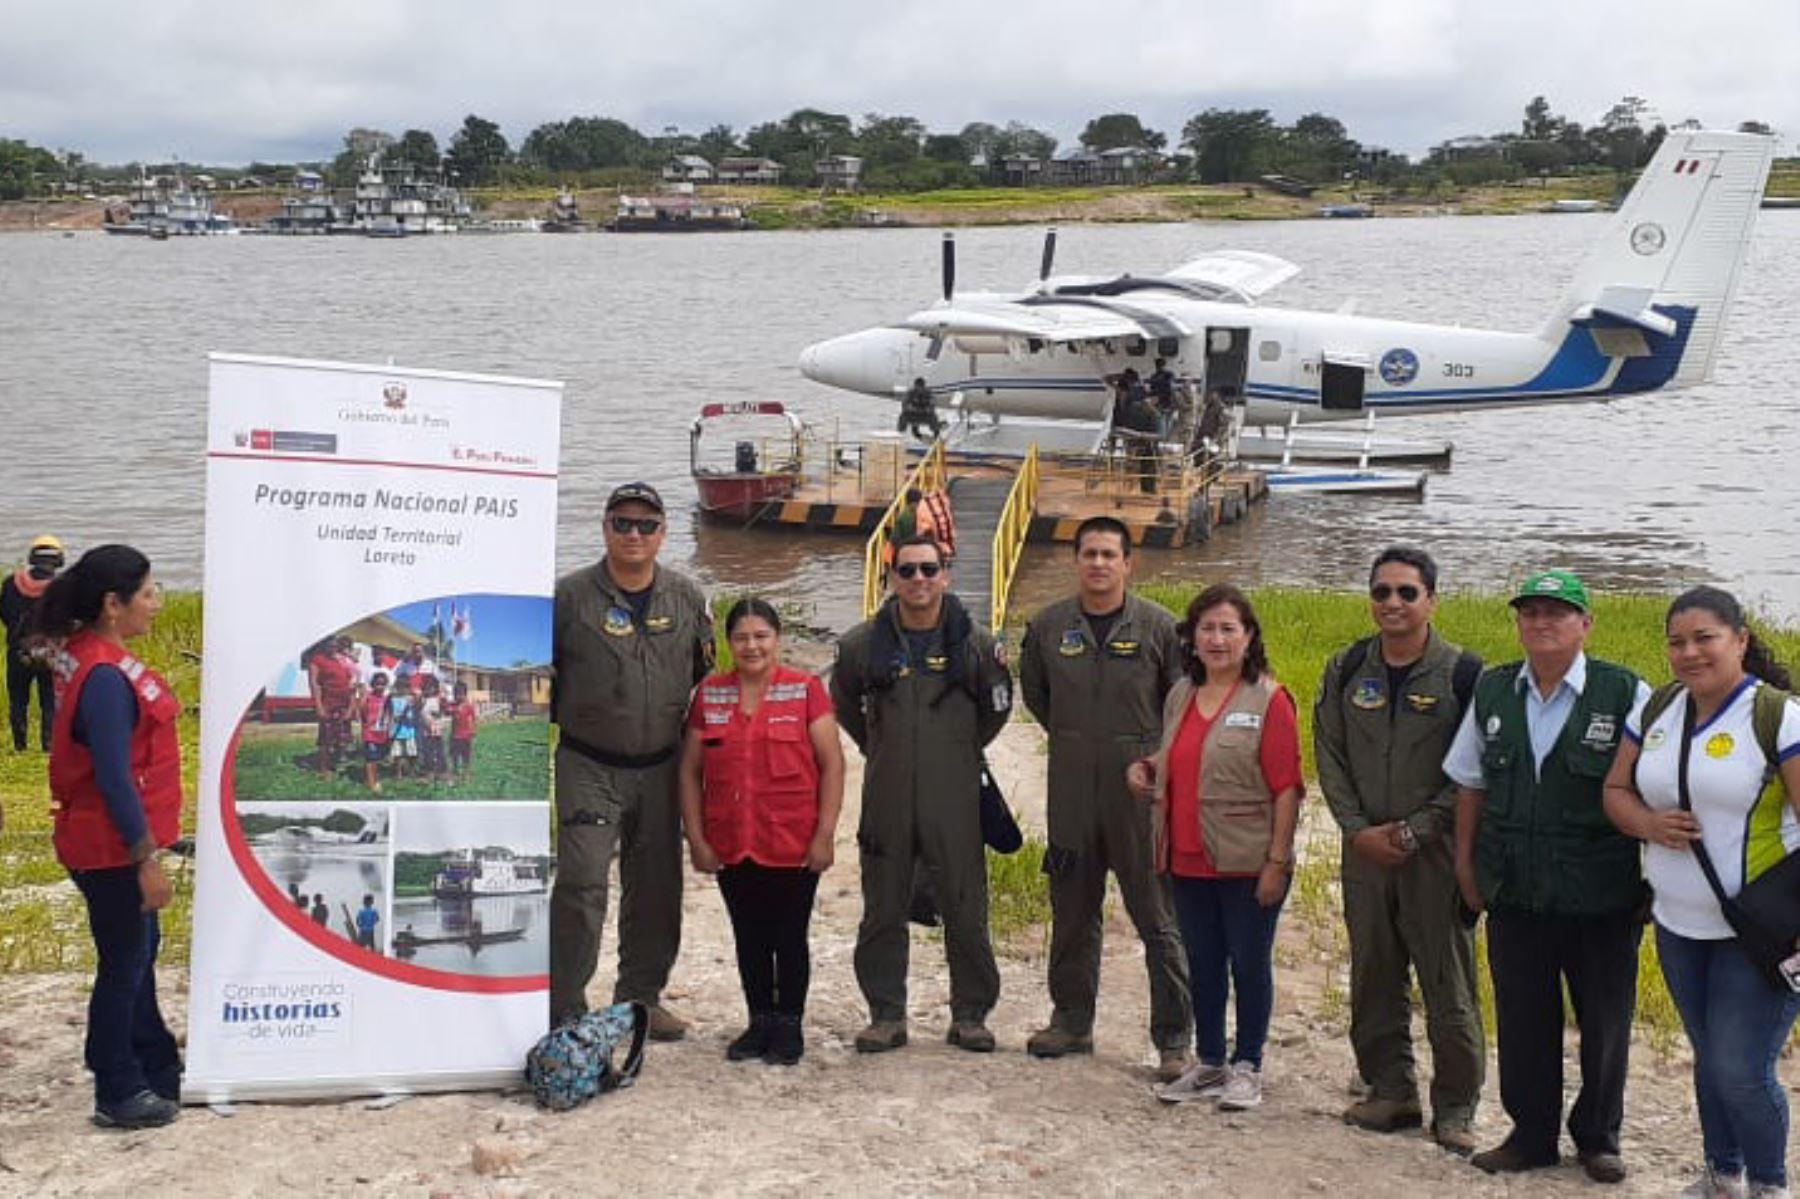 Alrededor de 500 familias de comunidades asentadas en la cuenca del río Putumayo (Loreto) y en zona de frontera con Colombia se beneficiarán con campaña del Programa Nacional PAIS.